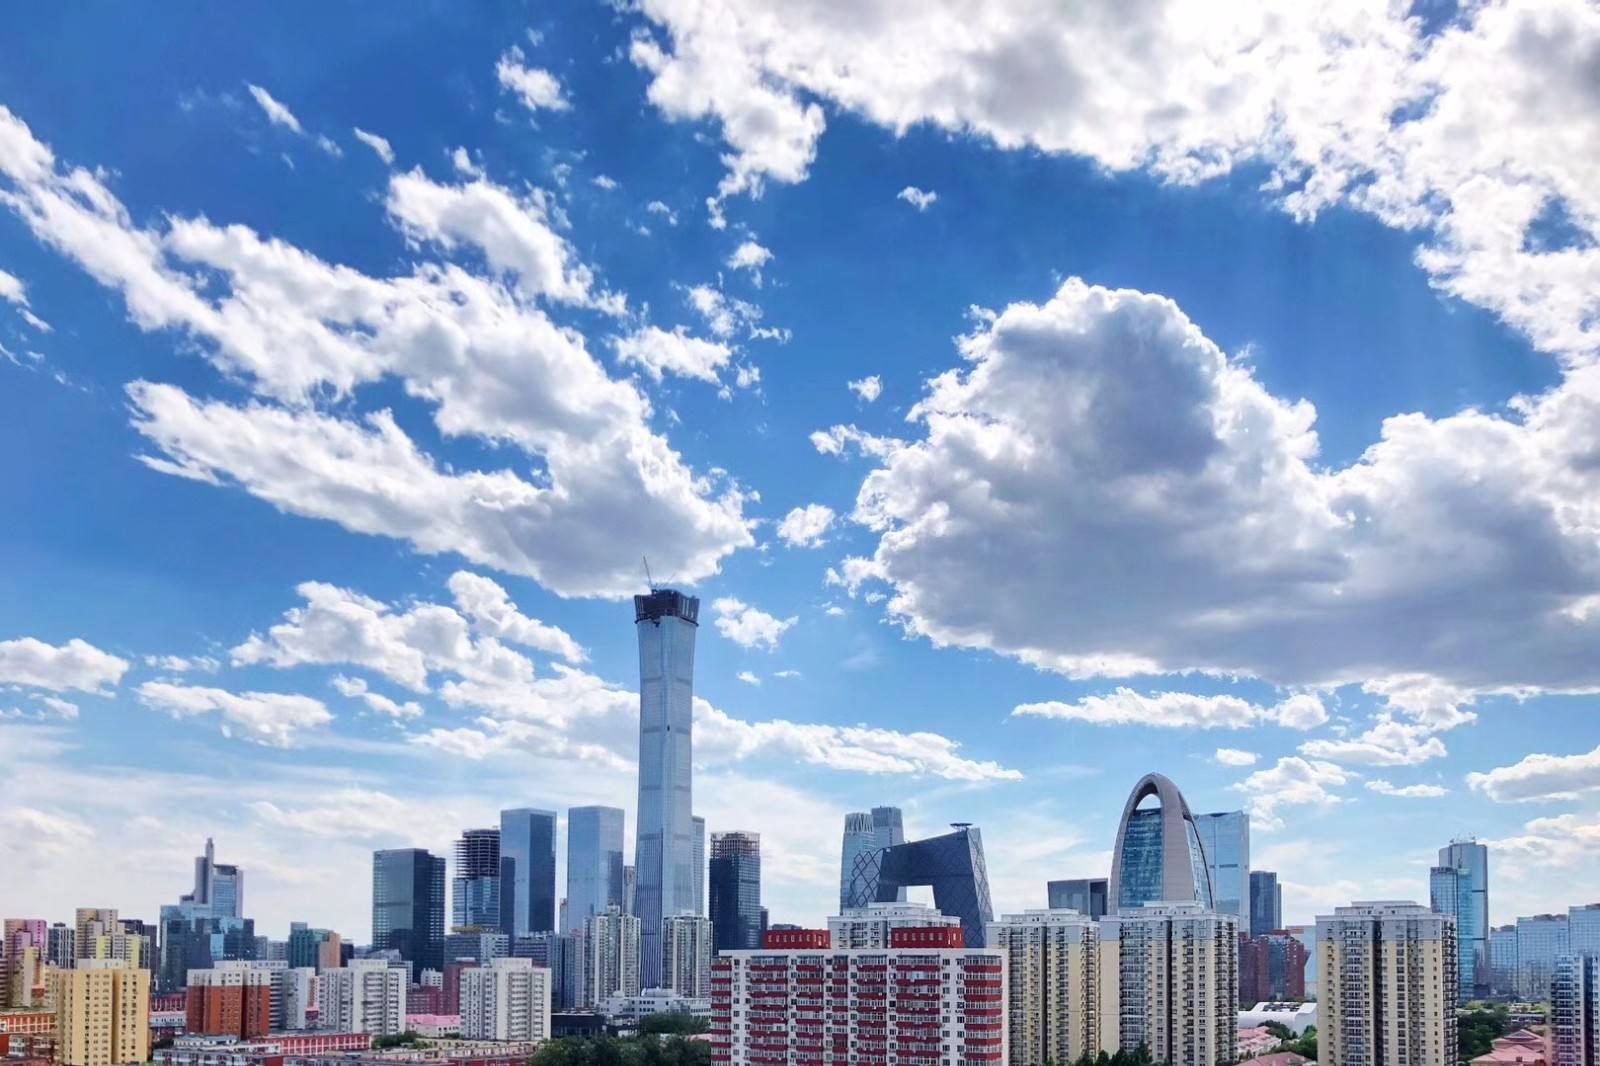 """江河幕墙用""""超高层单元式幕墙吊运安装新体系""""为北京第一高""""中国尊""""穿外衣(图)"""